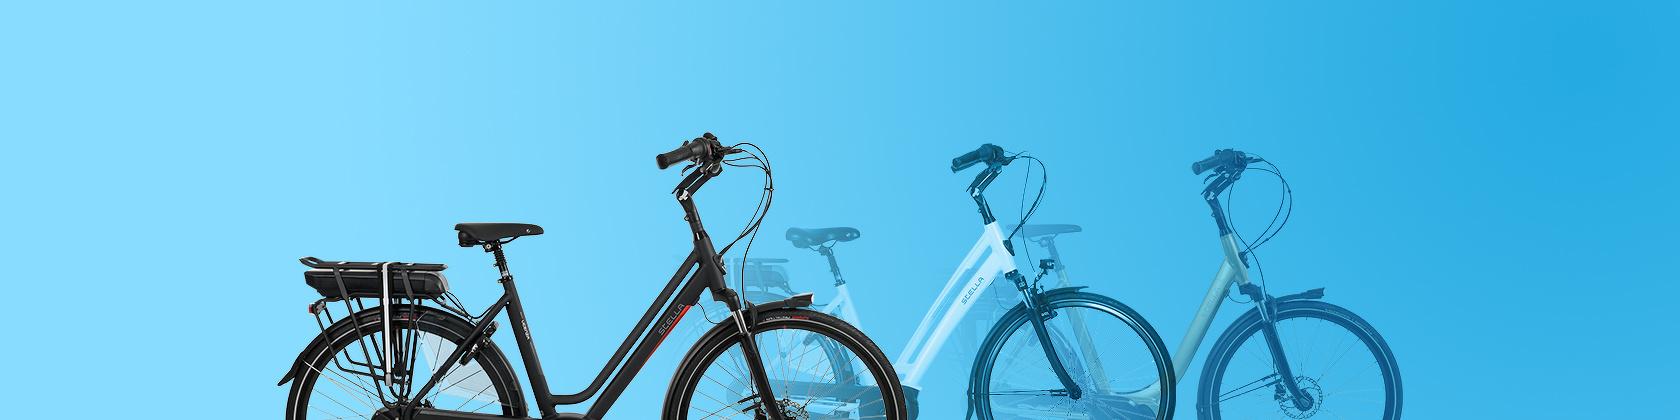 ANWB-jury beoordeelt Stella's e-bike met een 8.0!